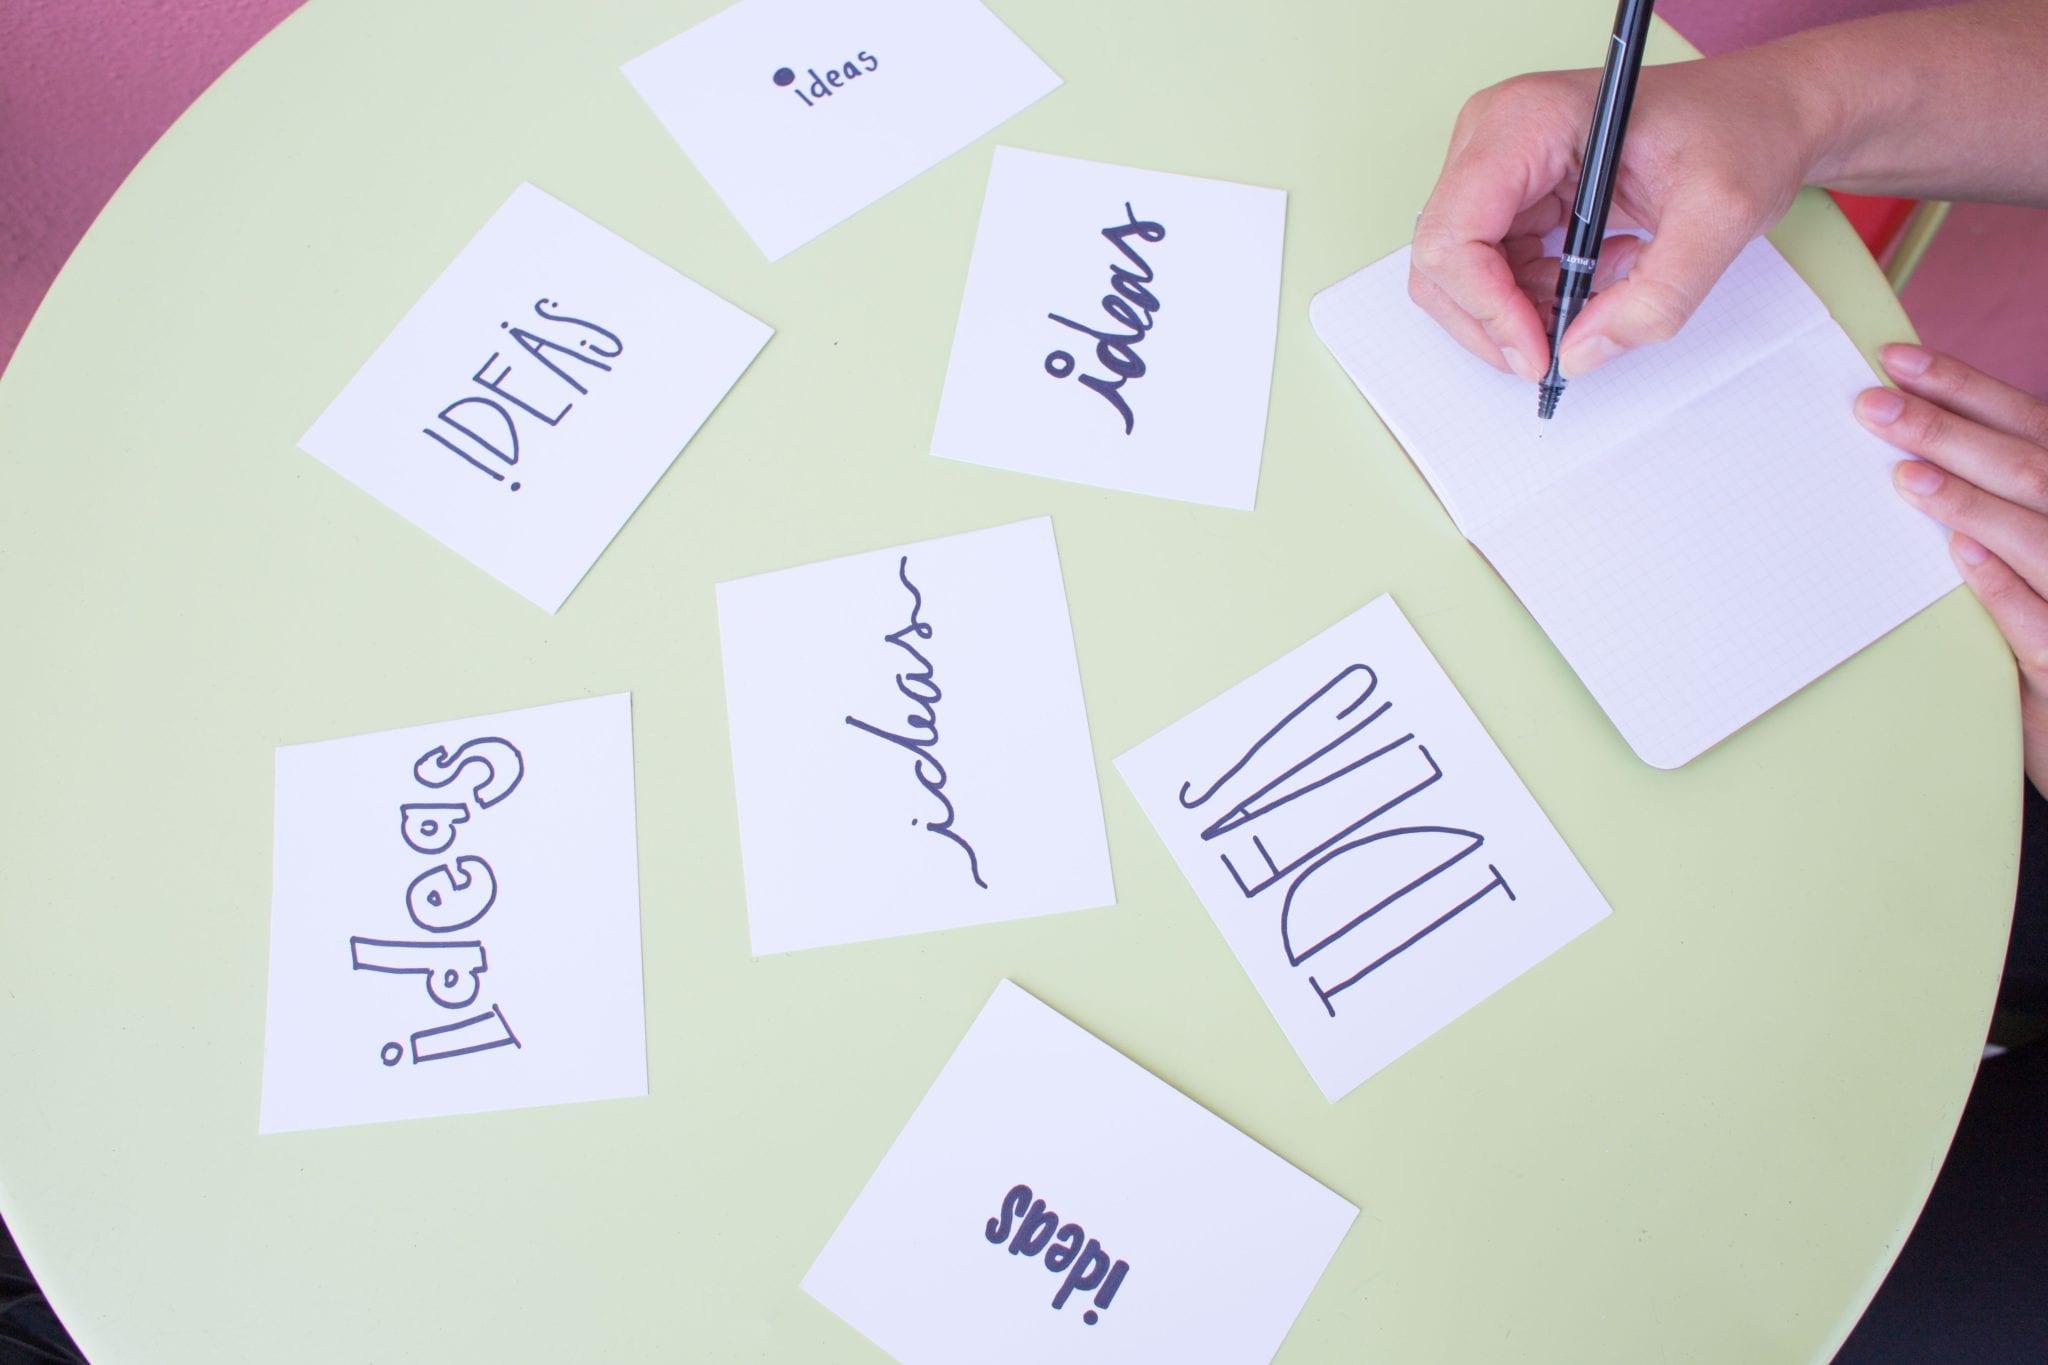 Creatividad E Inspiración Para Contenidos, Te Compartimos Consejos 2heart